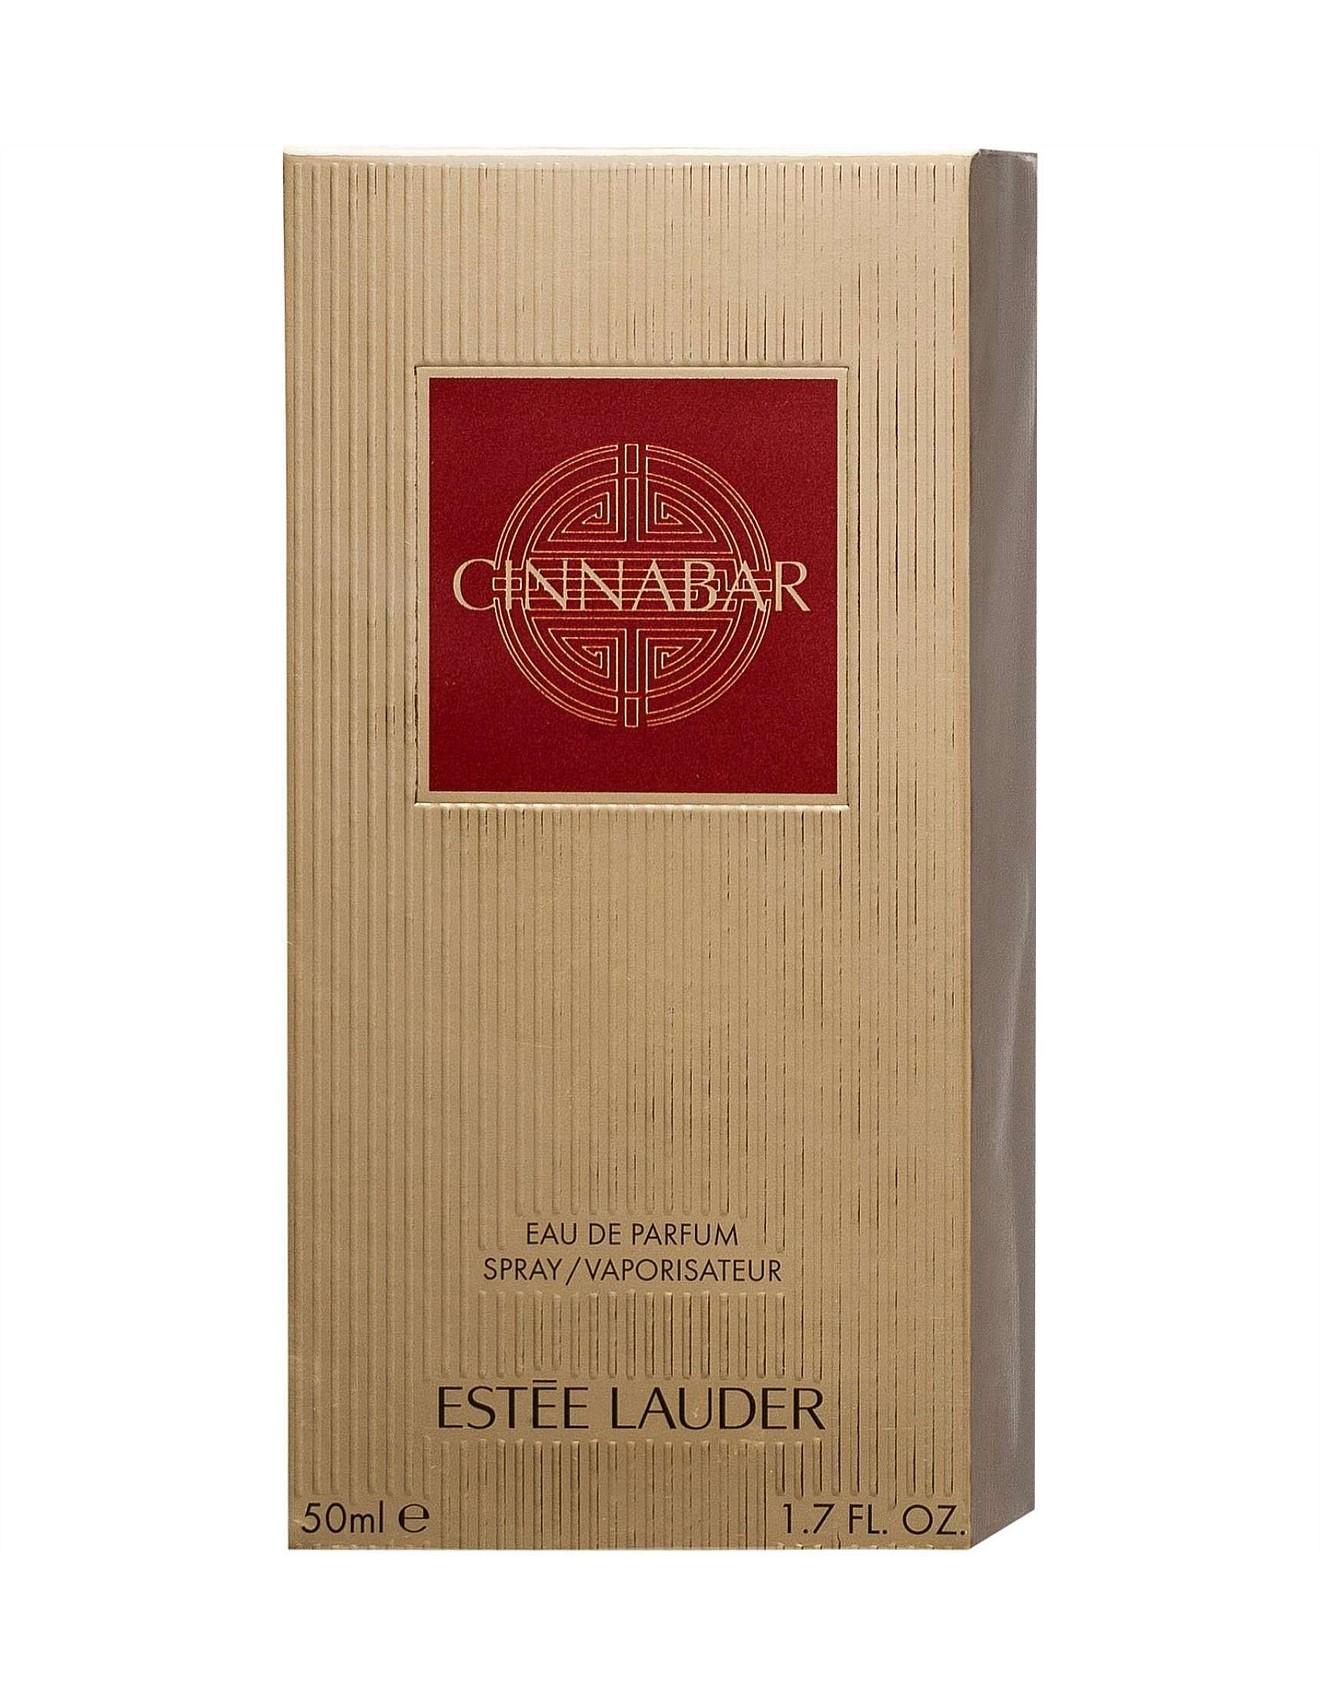 Estée Lauder Cinnabar reviews, photo - Makeupalley